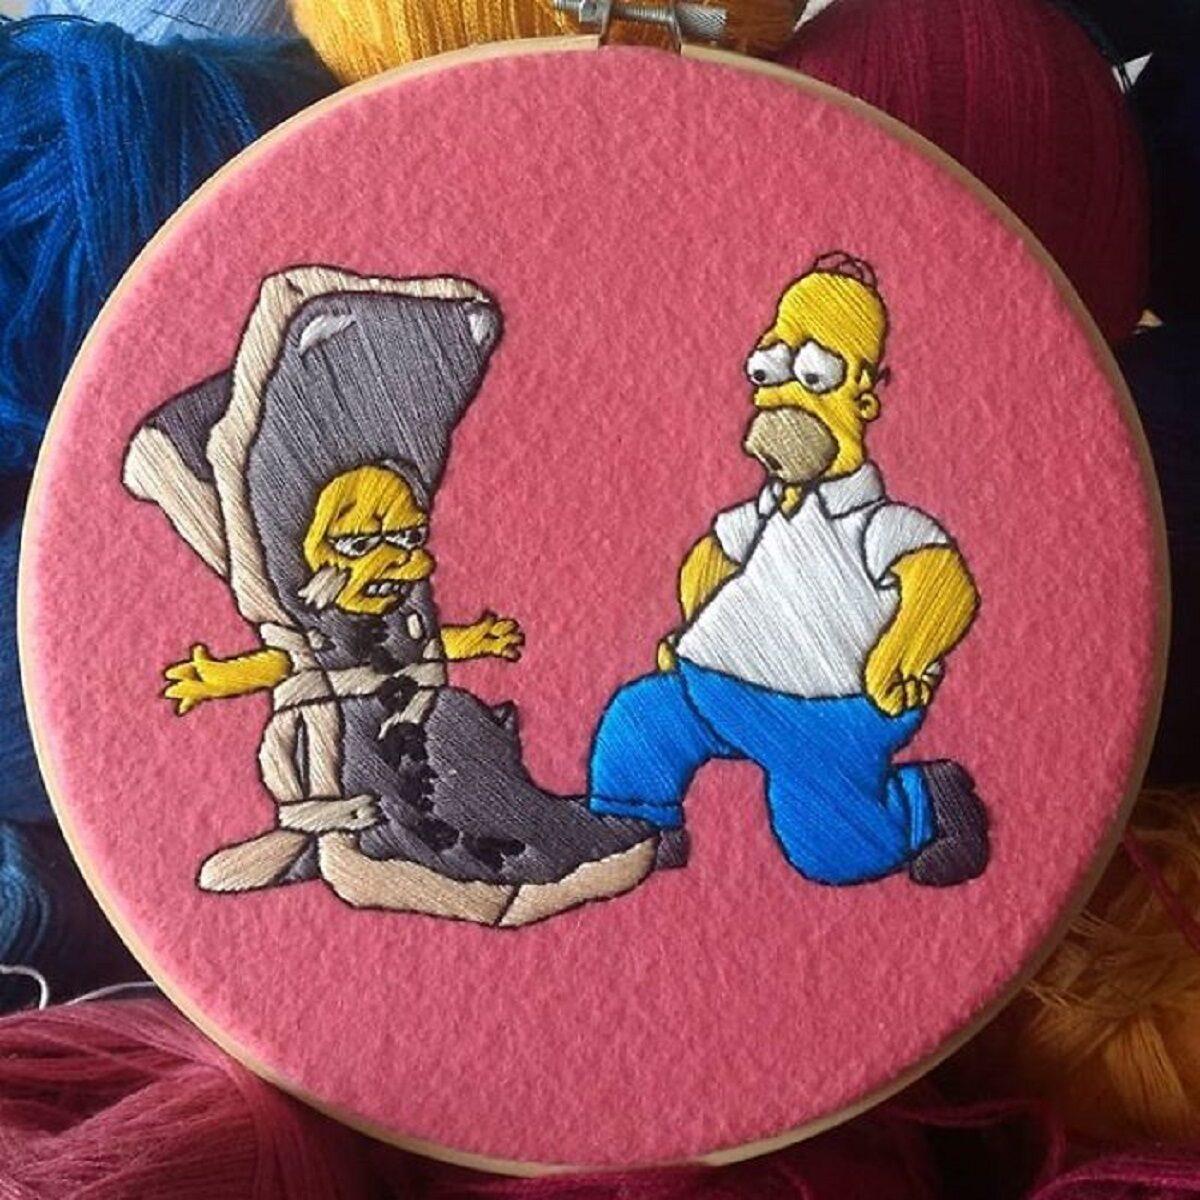 Artista Gabriela Martinez cria bordados de cenas de Os Simpsons 18